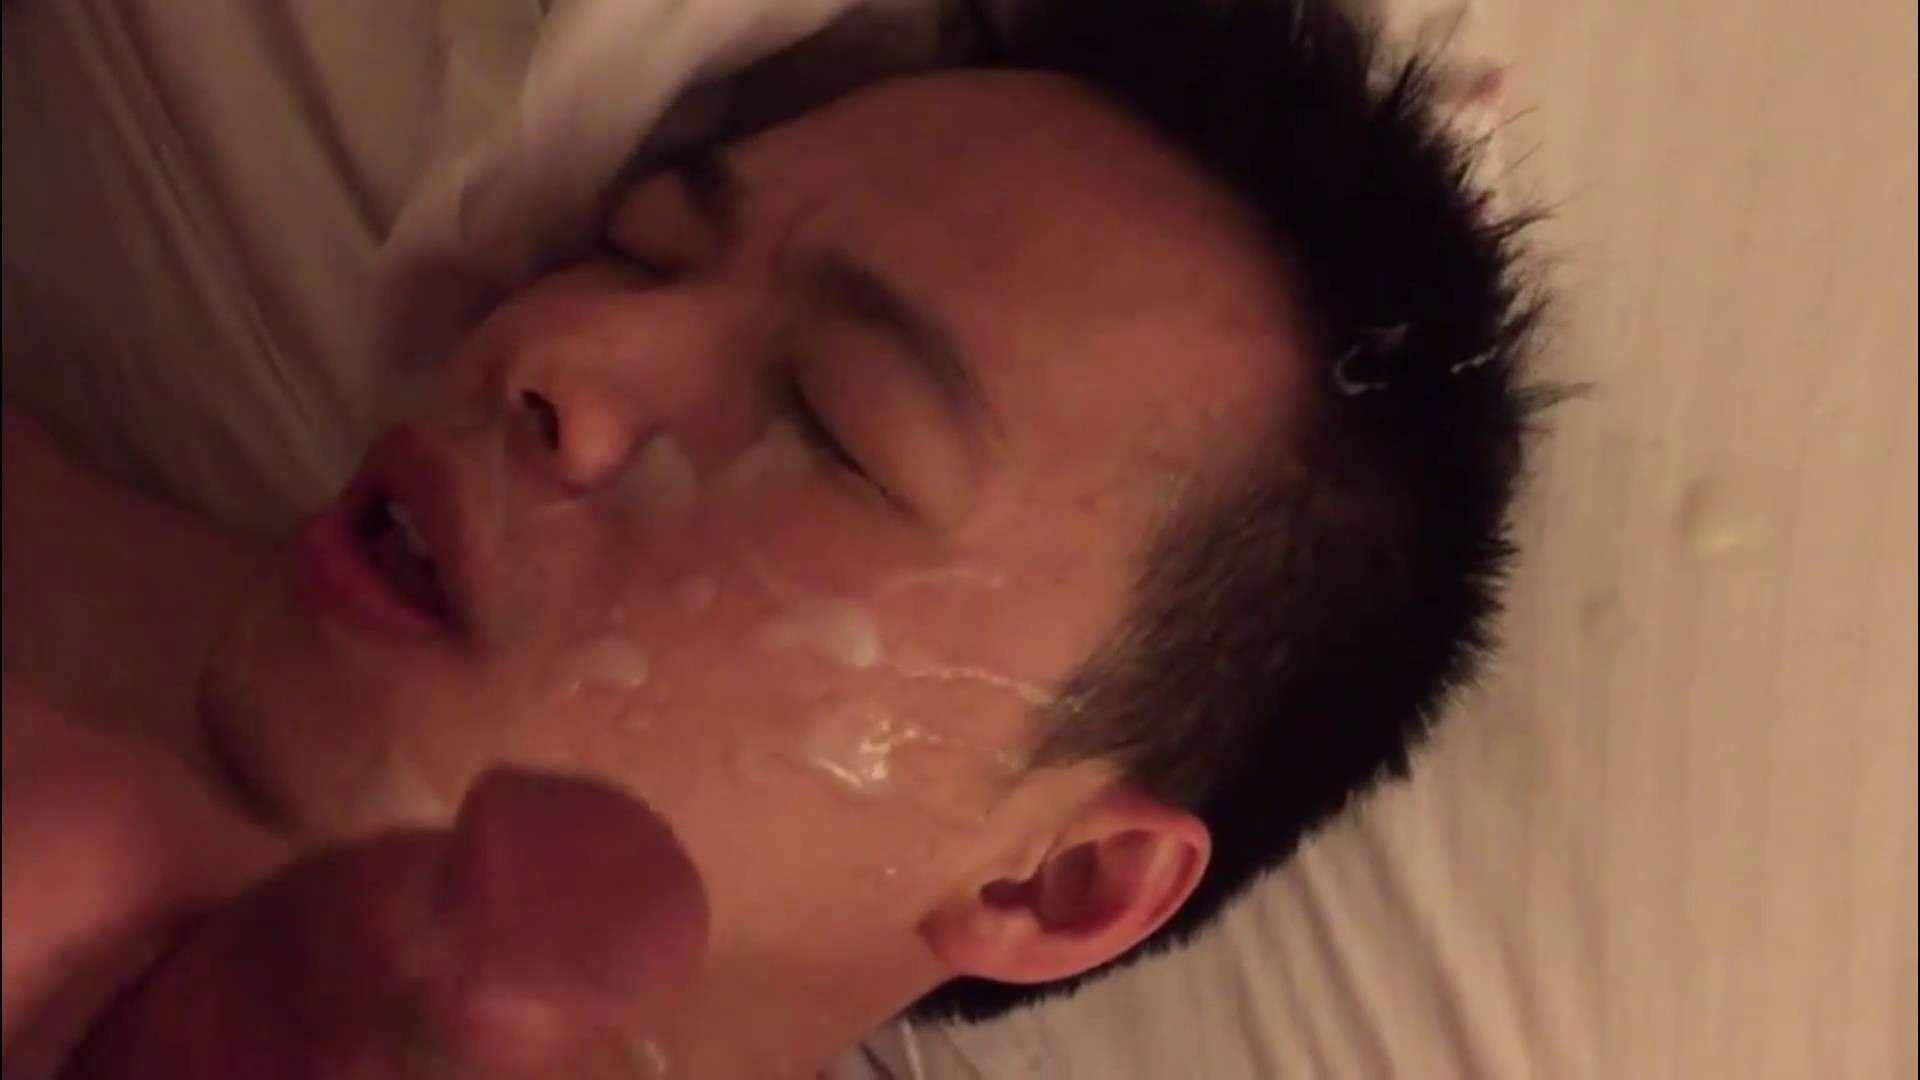 ゲイザーメン動画|エロいフェラシーンをピックアップvol43|モ無し